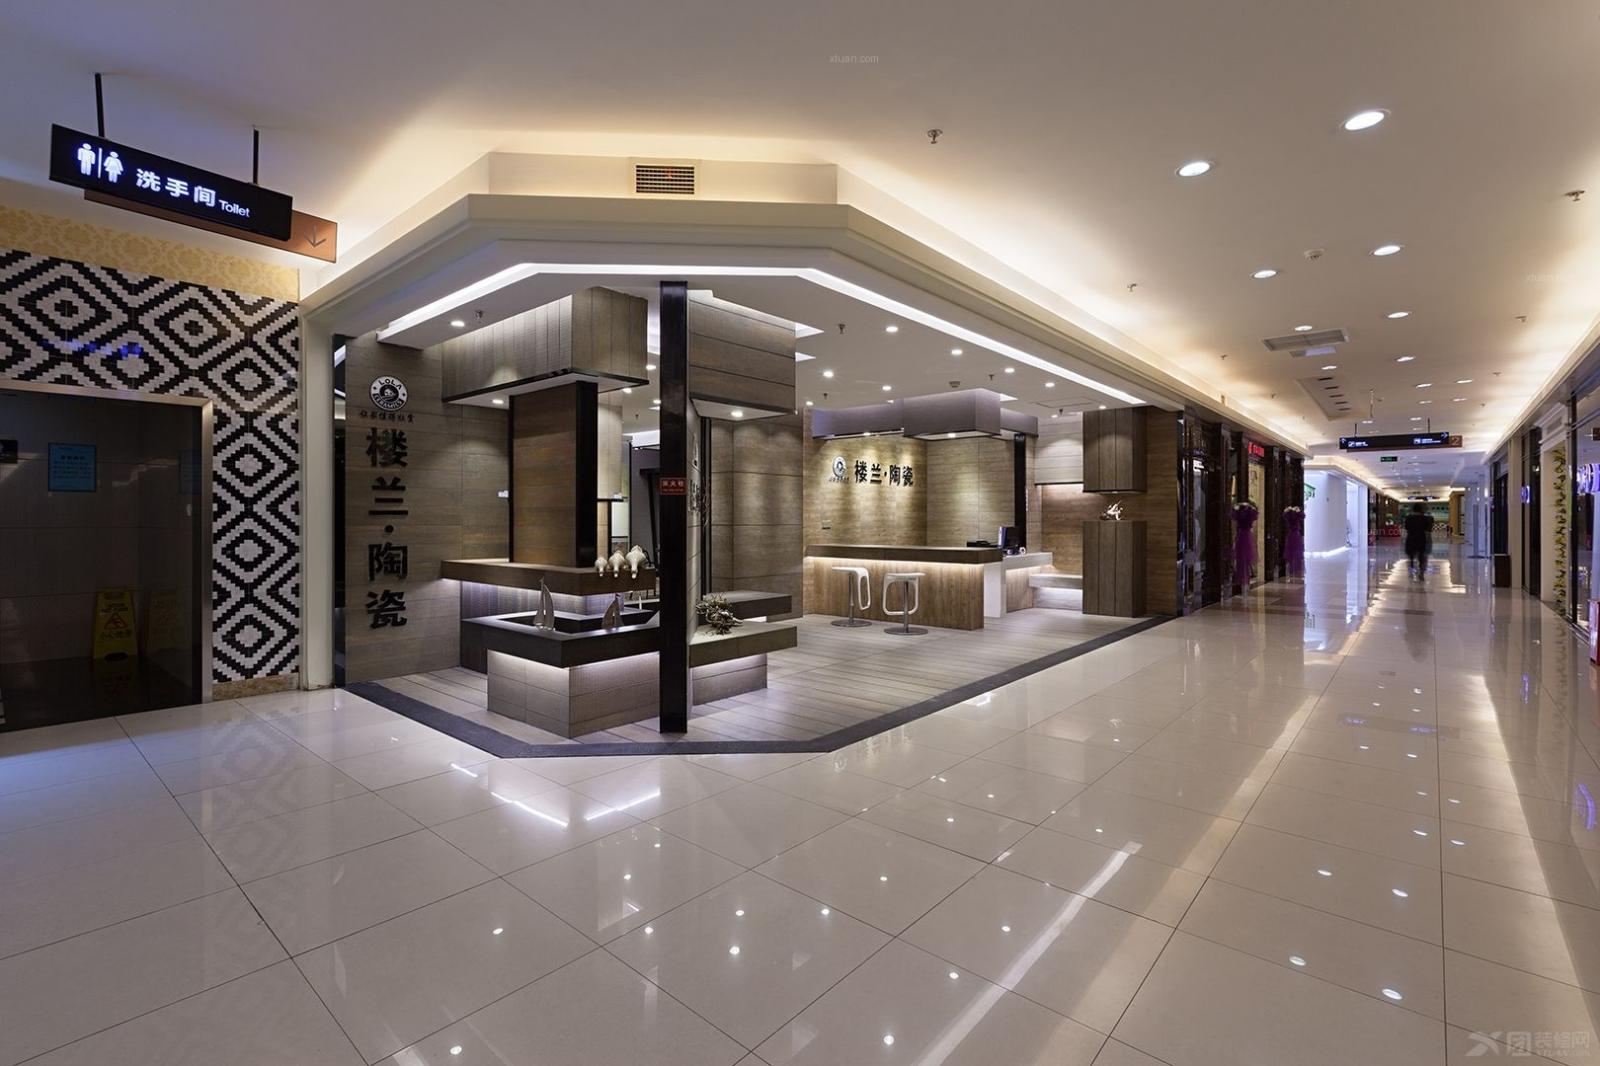 成都私享高端瓷砖商铺设计—楼兰陶瓷富森美家居南门店